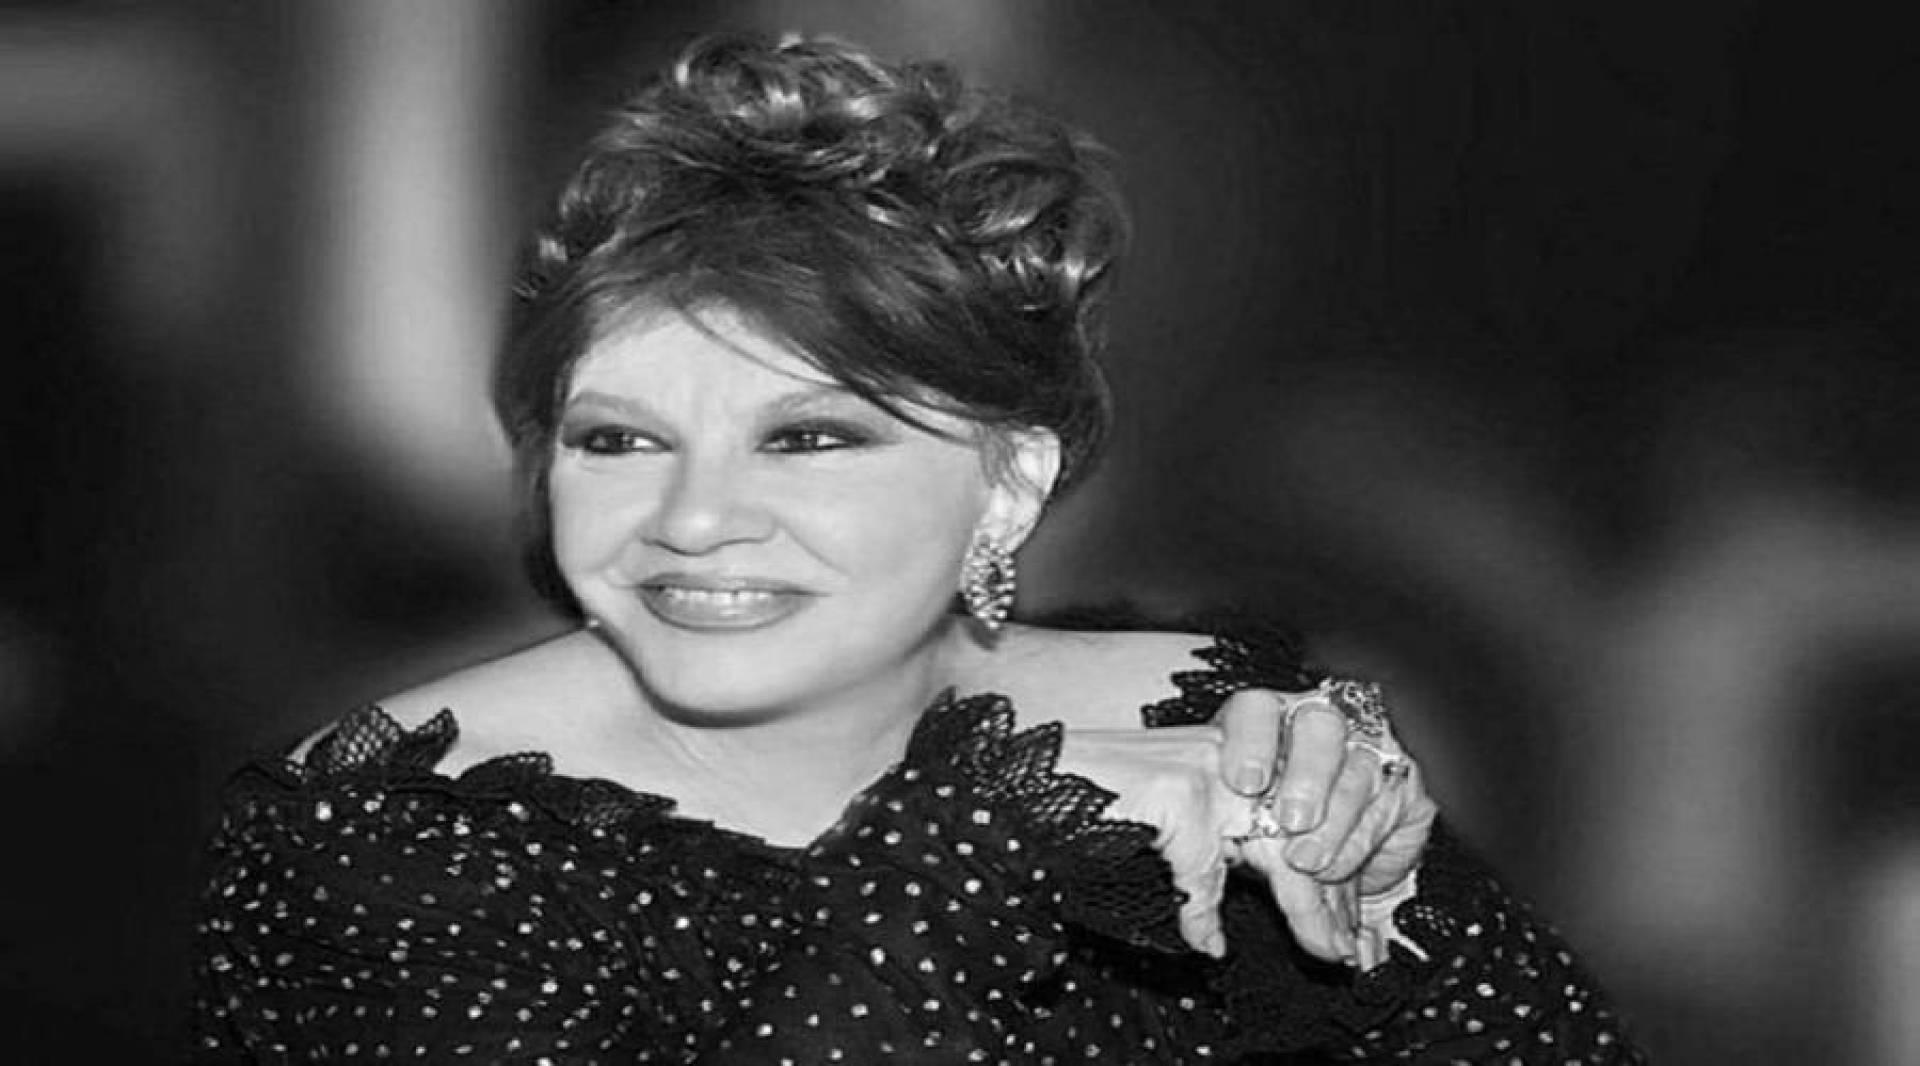 وفاة الفنانة المصرية شويكار بعد صراع مع المرض